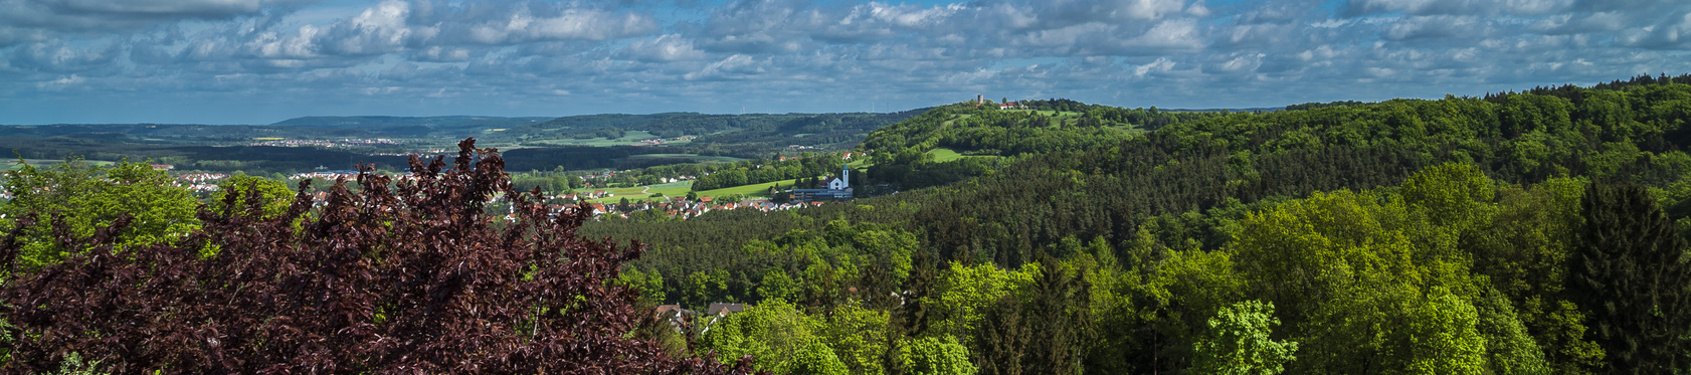 Bild von Oberpfalz